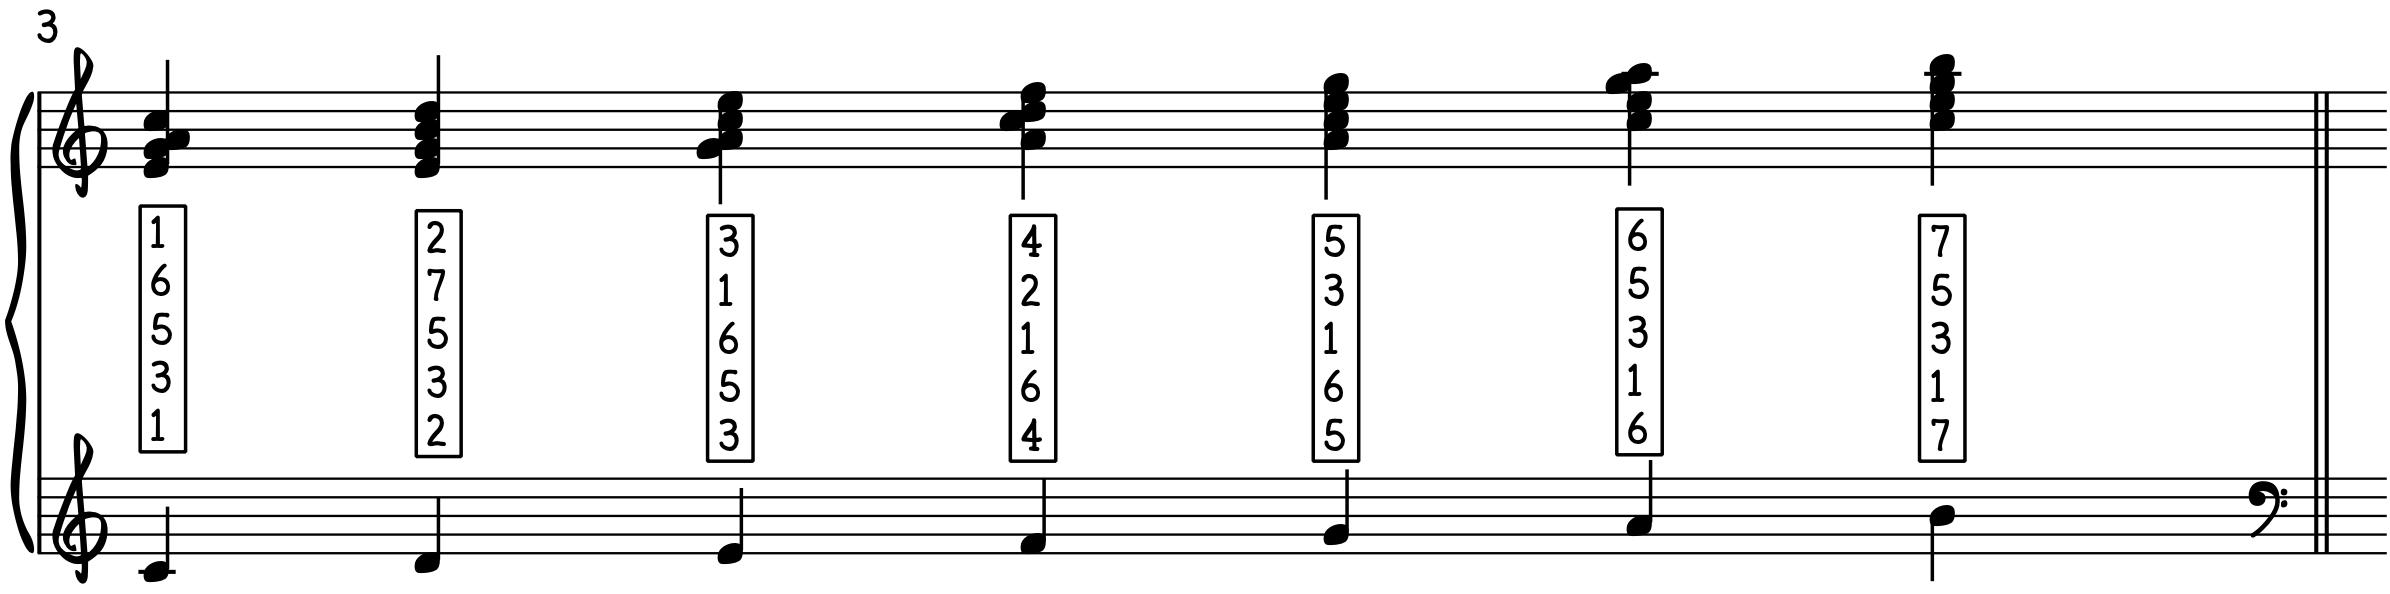 Step 3-Add Inner Harmonies block chords george shearing style